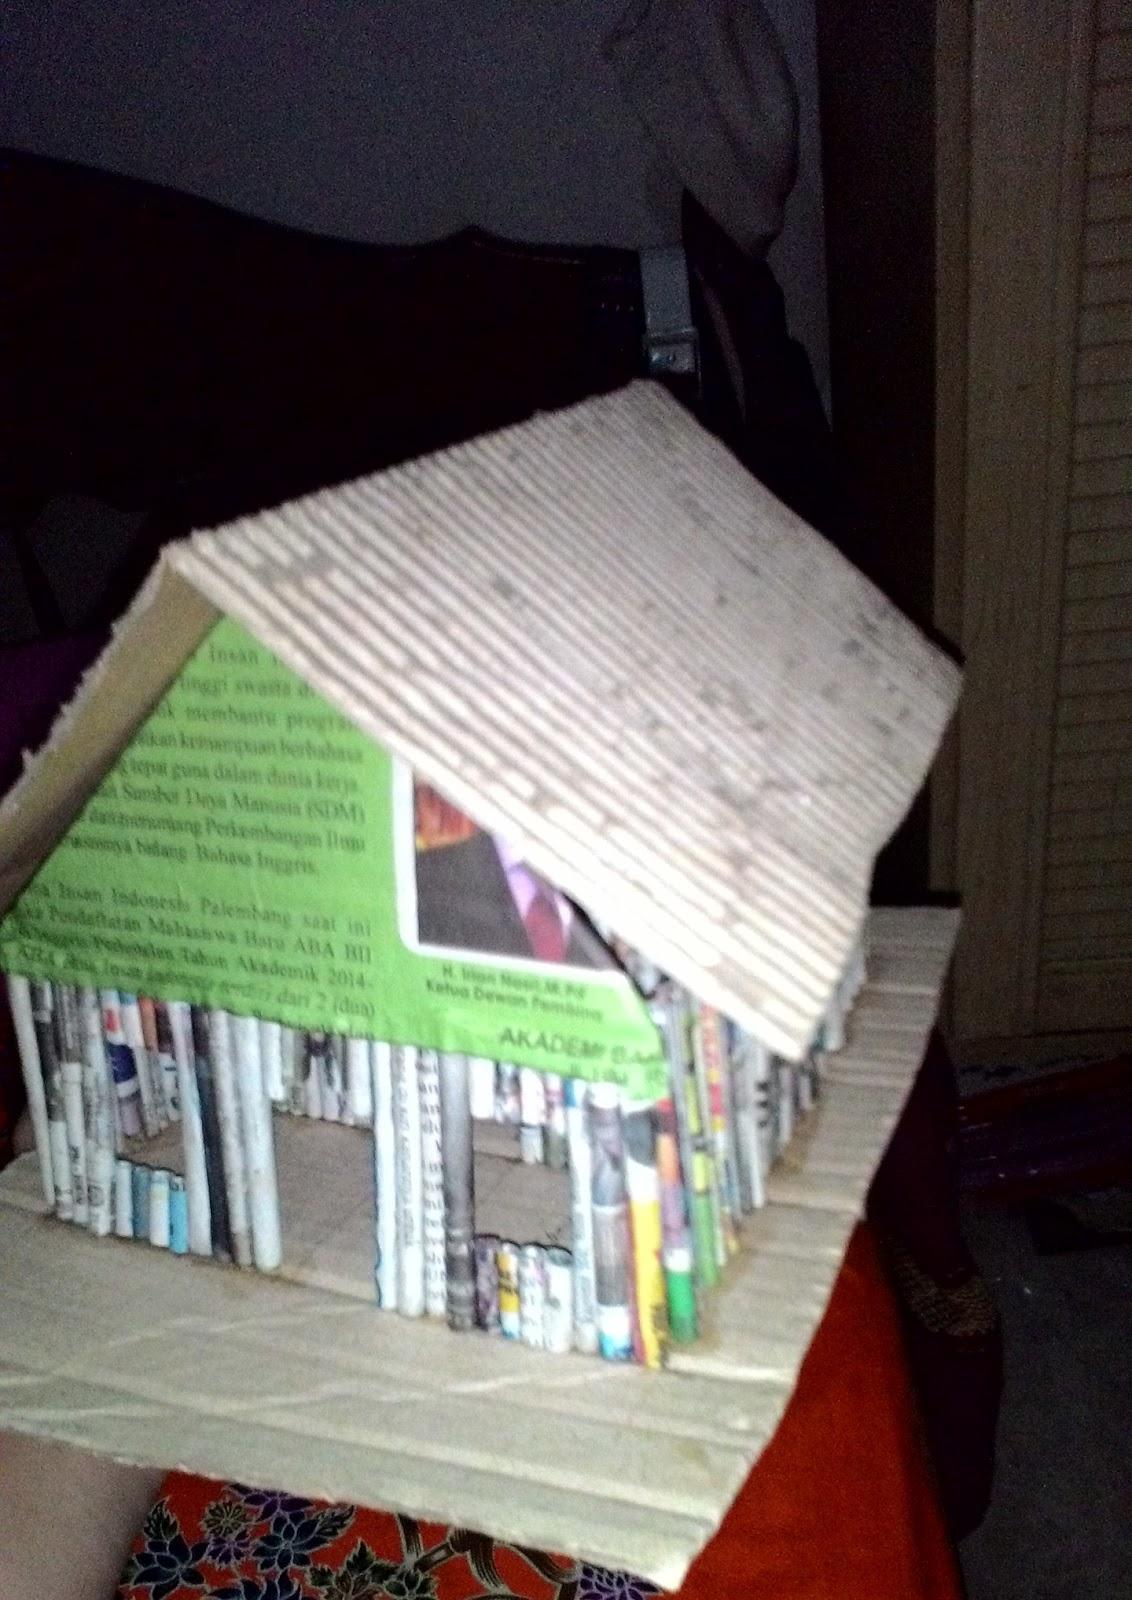 Cara Membuat Rumah Dari Koran : membuat, rumah, koran, Mauliddya, Membuat, Rumah-rumahan, Koran